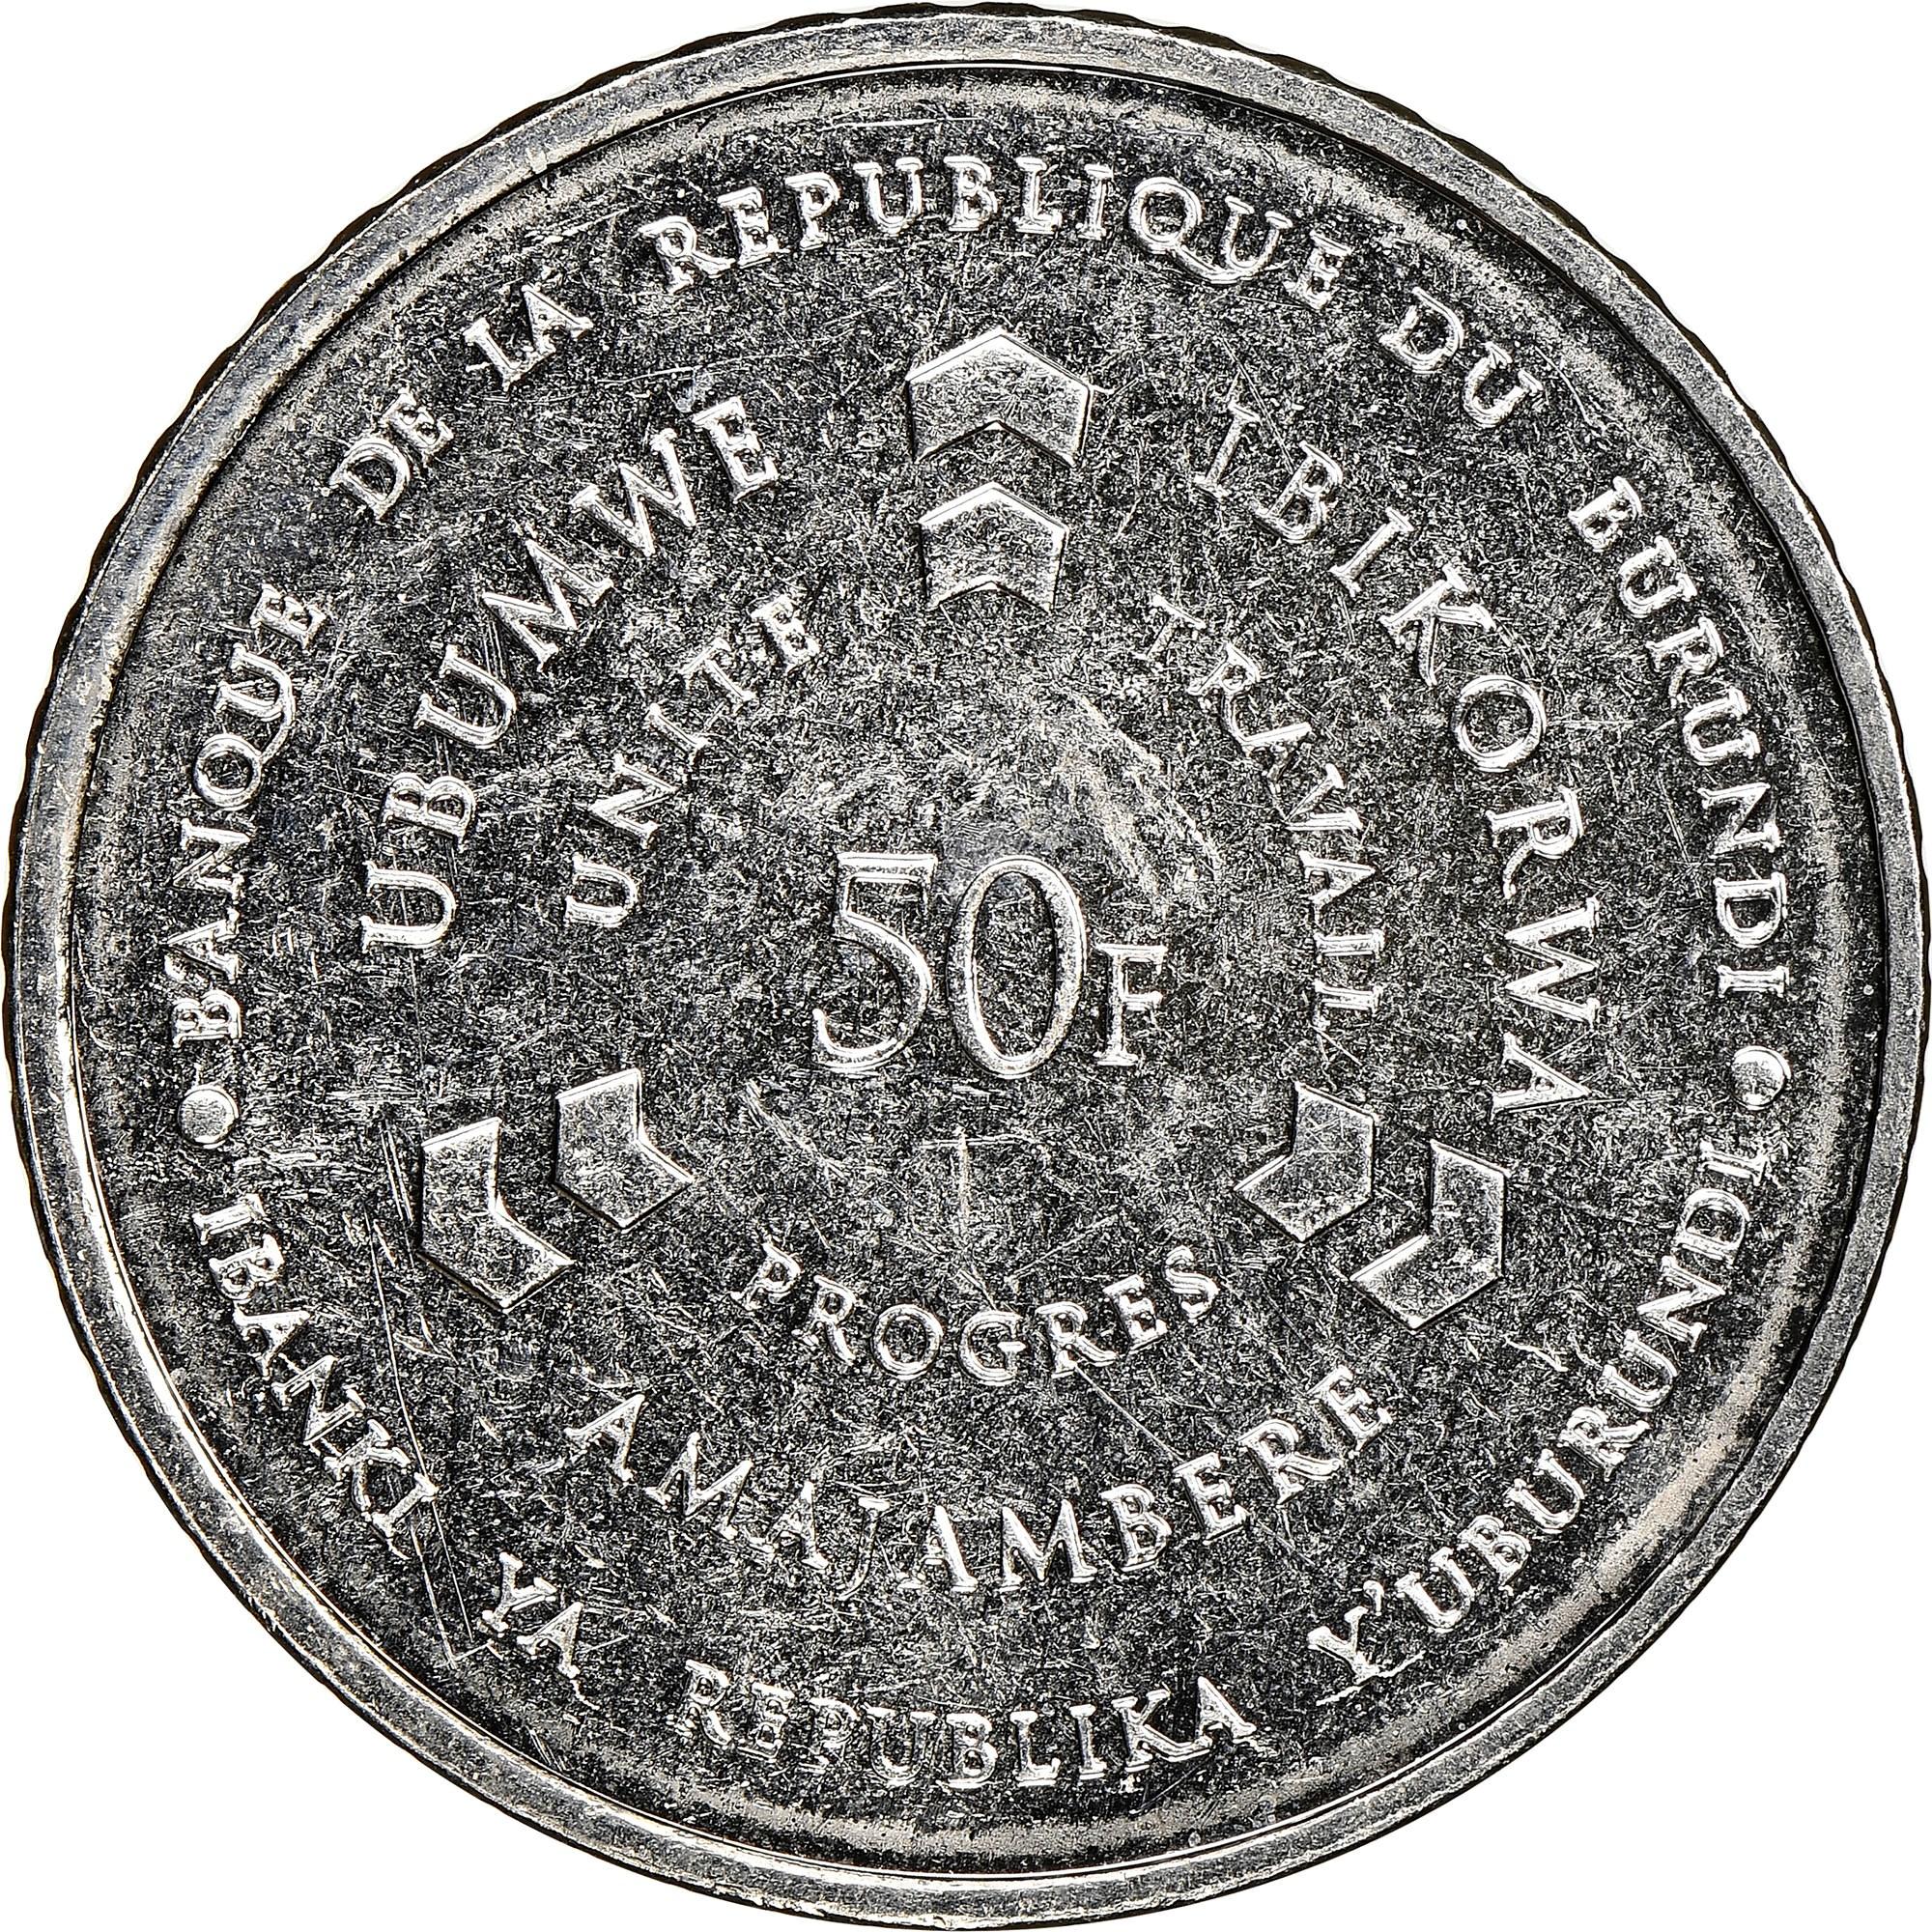 Burundi 50 Francs obverse